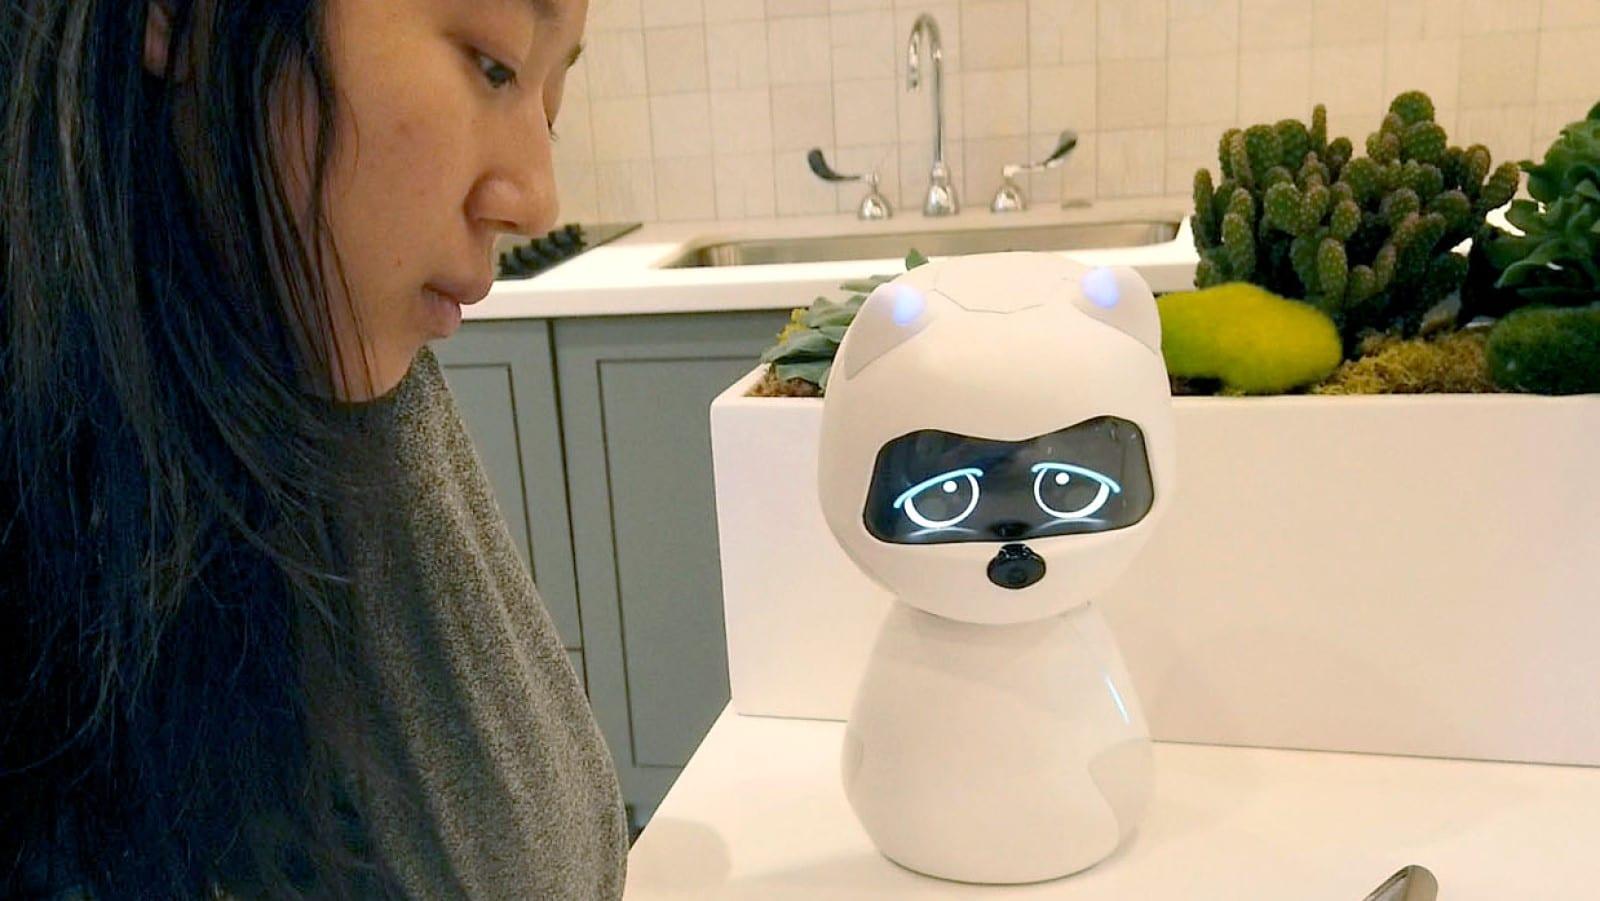 kiki the robot on table